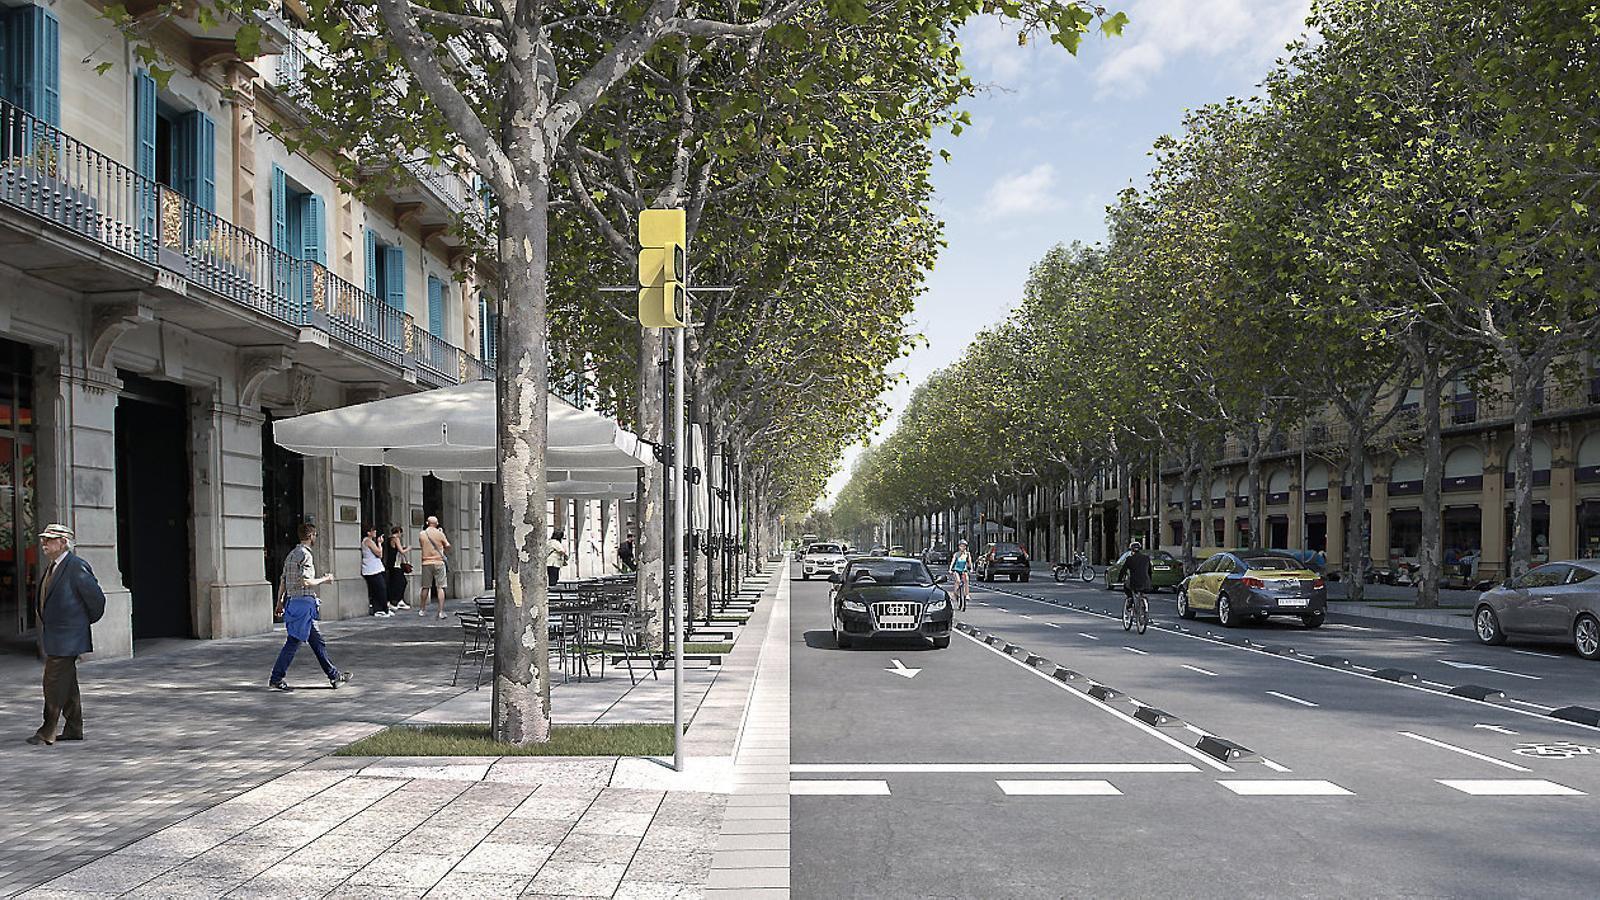 Barcelona transformar la ronda de sant antoni - Moritz ronda sant antoni ...